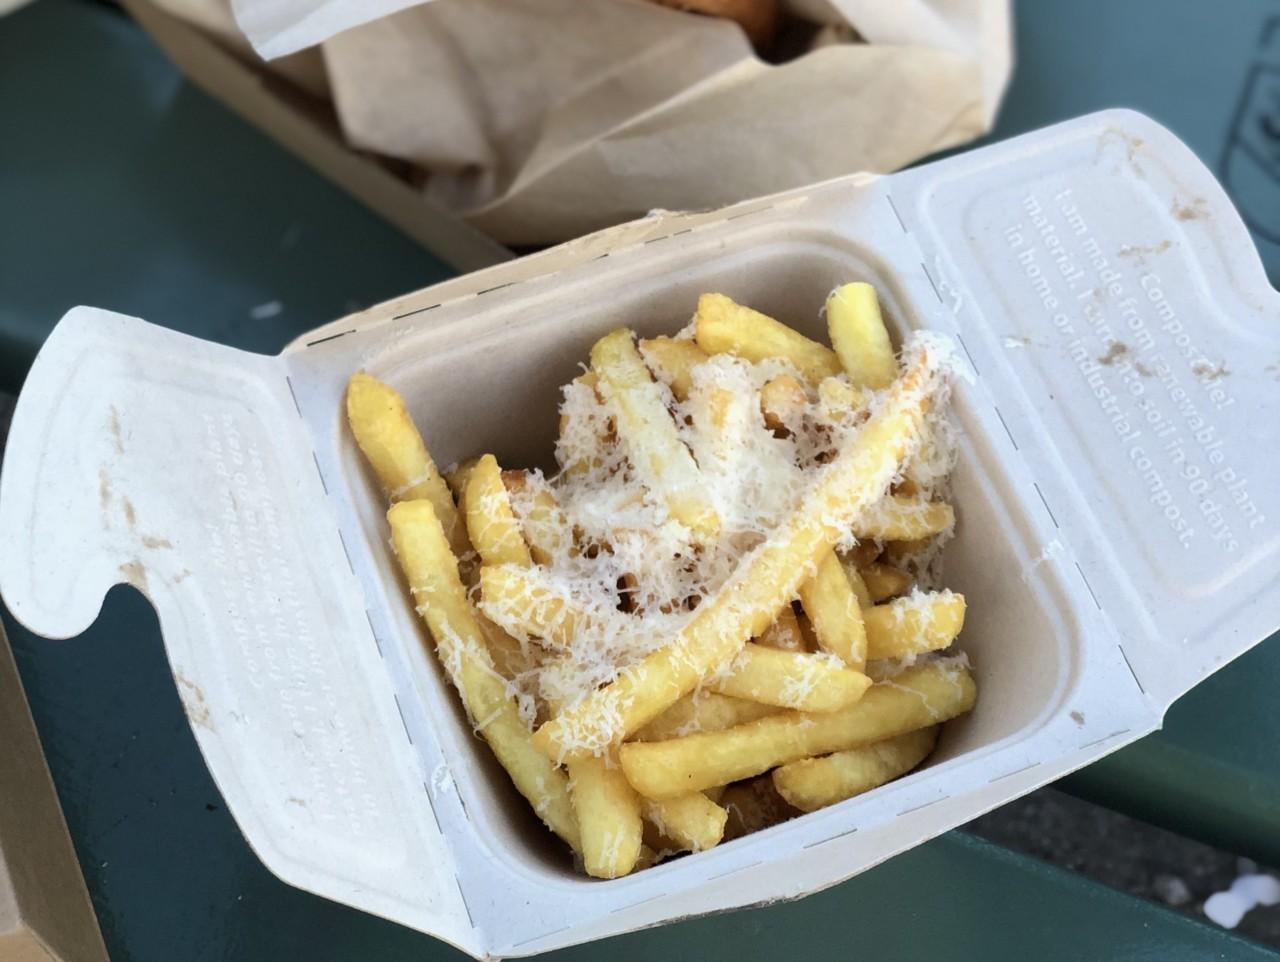 Berner-Fries mit Parmesano Reggiano - pricy, aber knusprig und würzig.  Foto: Lunchgate/Daniel